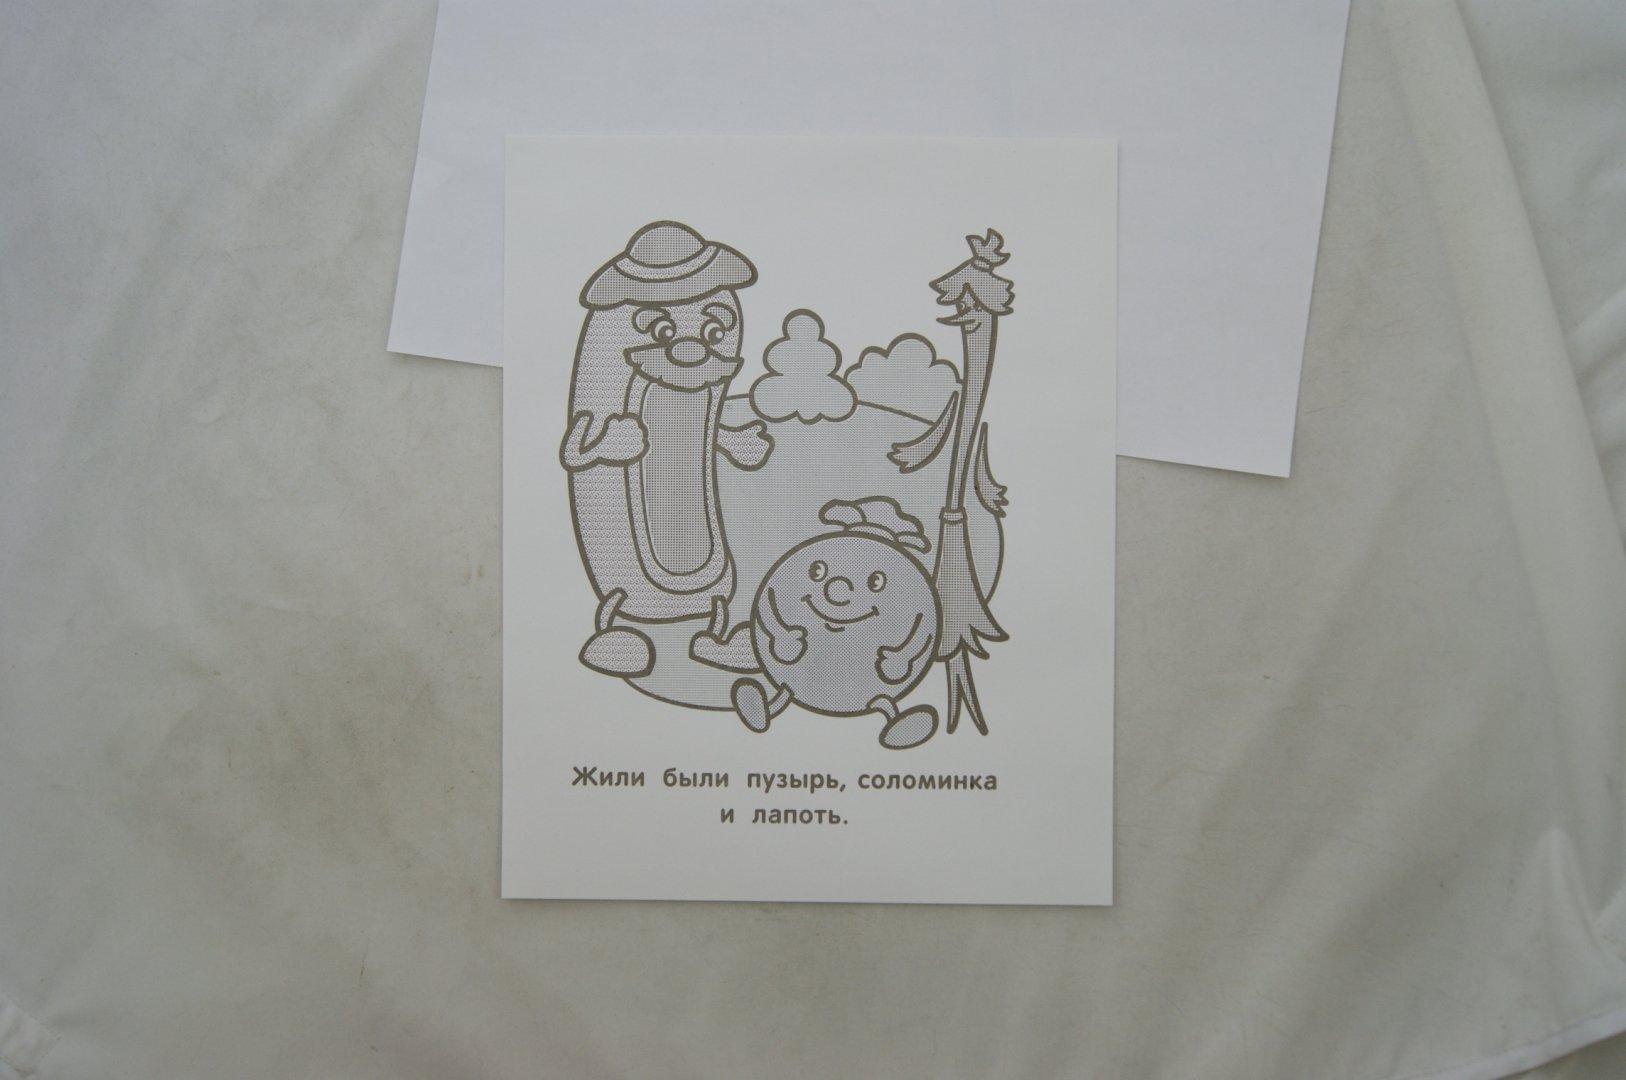 Иллюстрация 1 из 21 для Набор водных раскрасок. Пузырь, соломинка и лапоть | Лабиринт - книги. Источник: Лабиринт